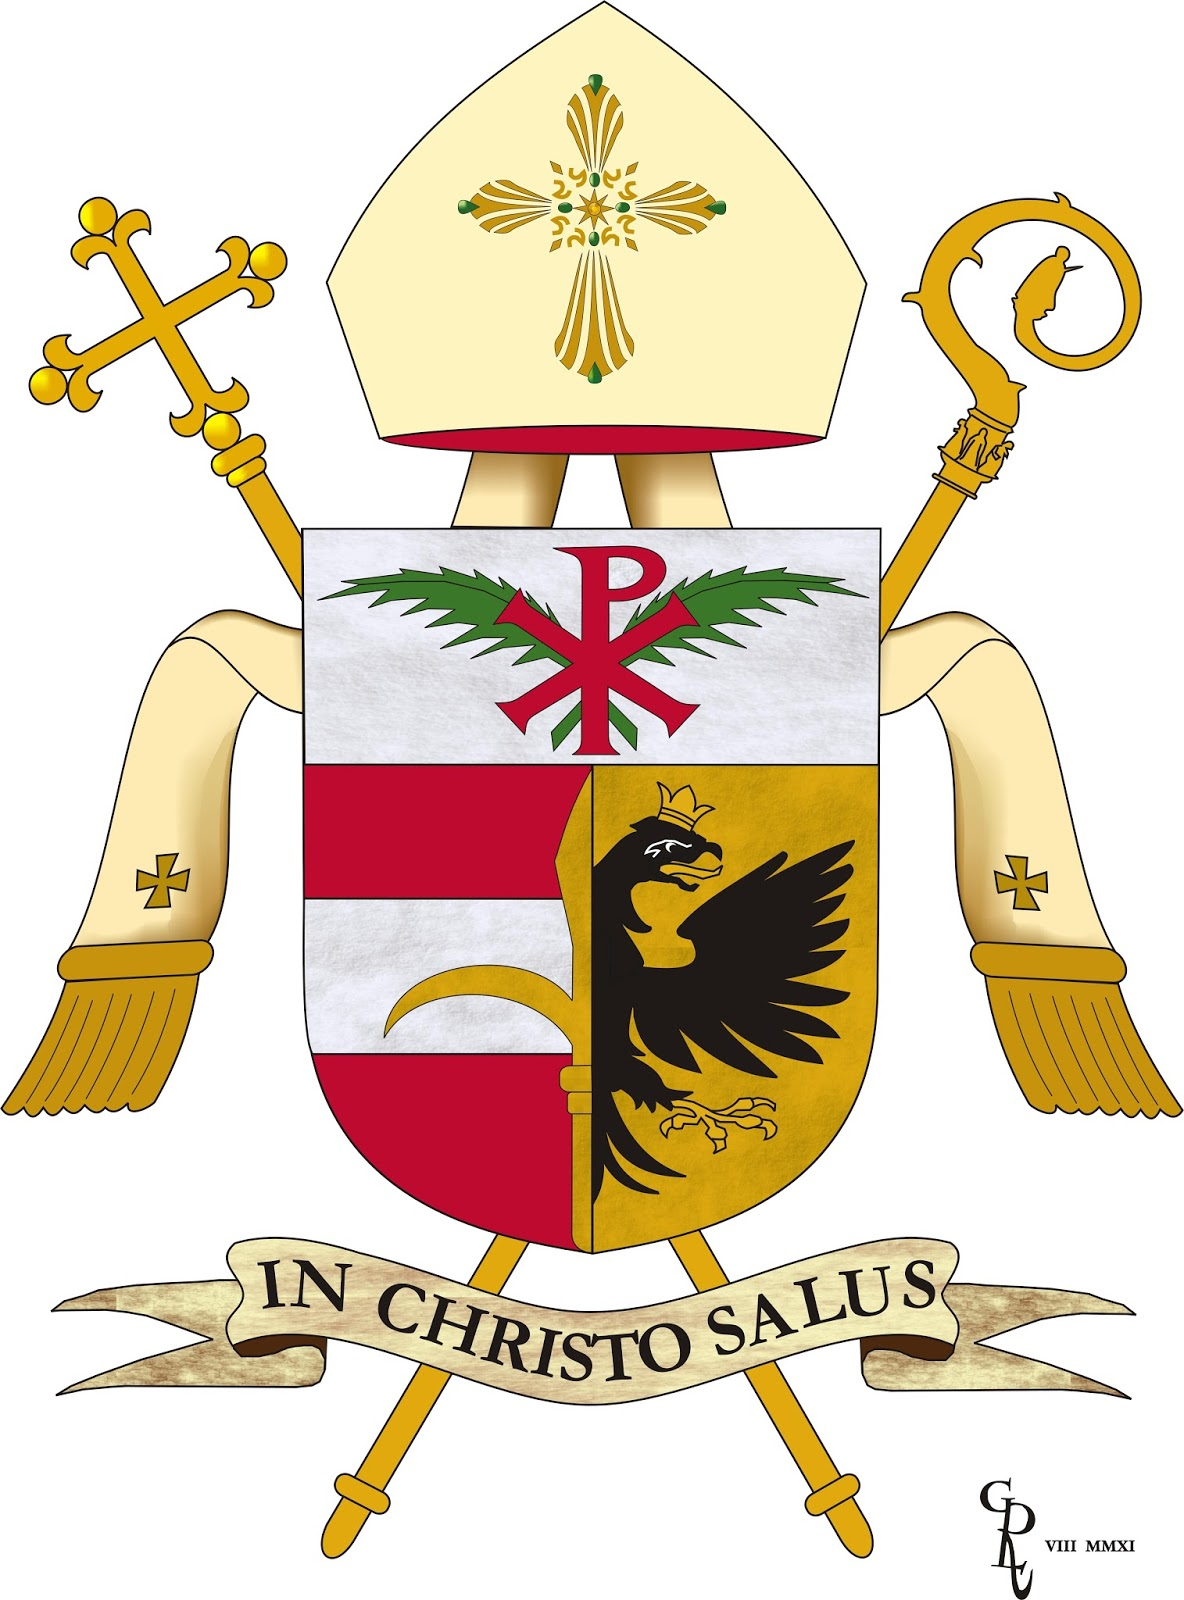 Trieste_diocesi_01